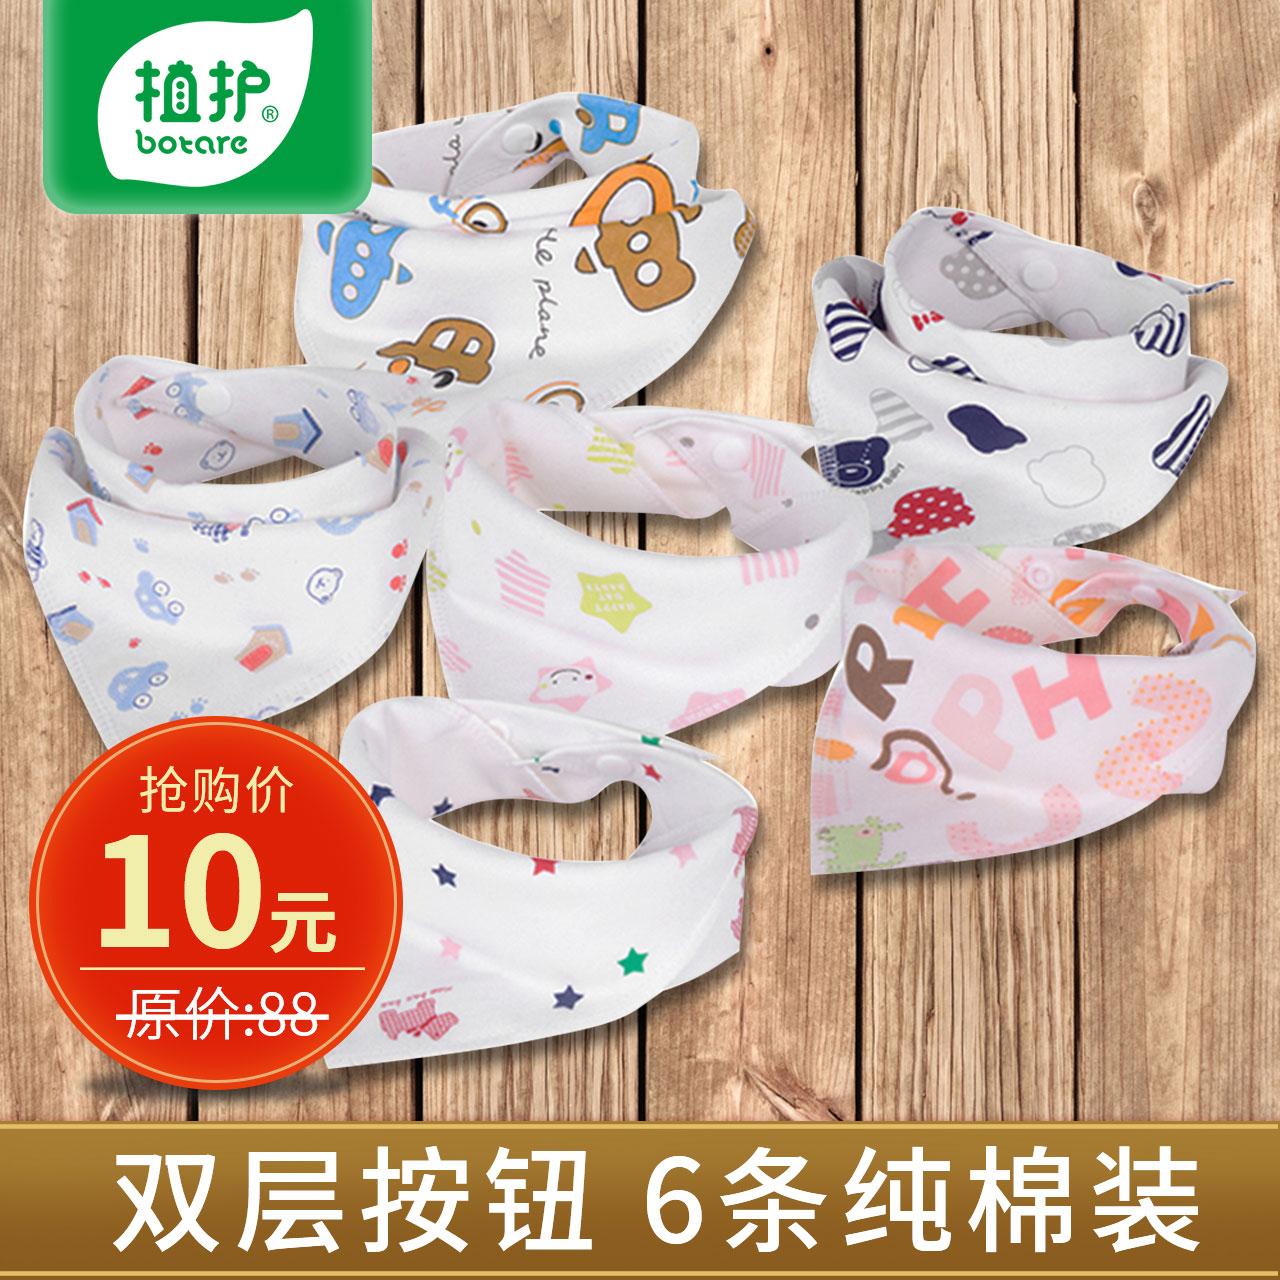 植护新生婴儿口水巾纯棉围嘴宝宝围兜围脖防吐奶初生0-3个月1-2